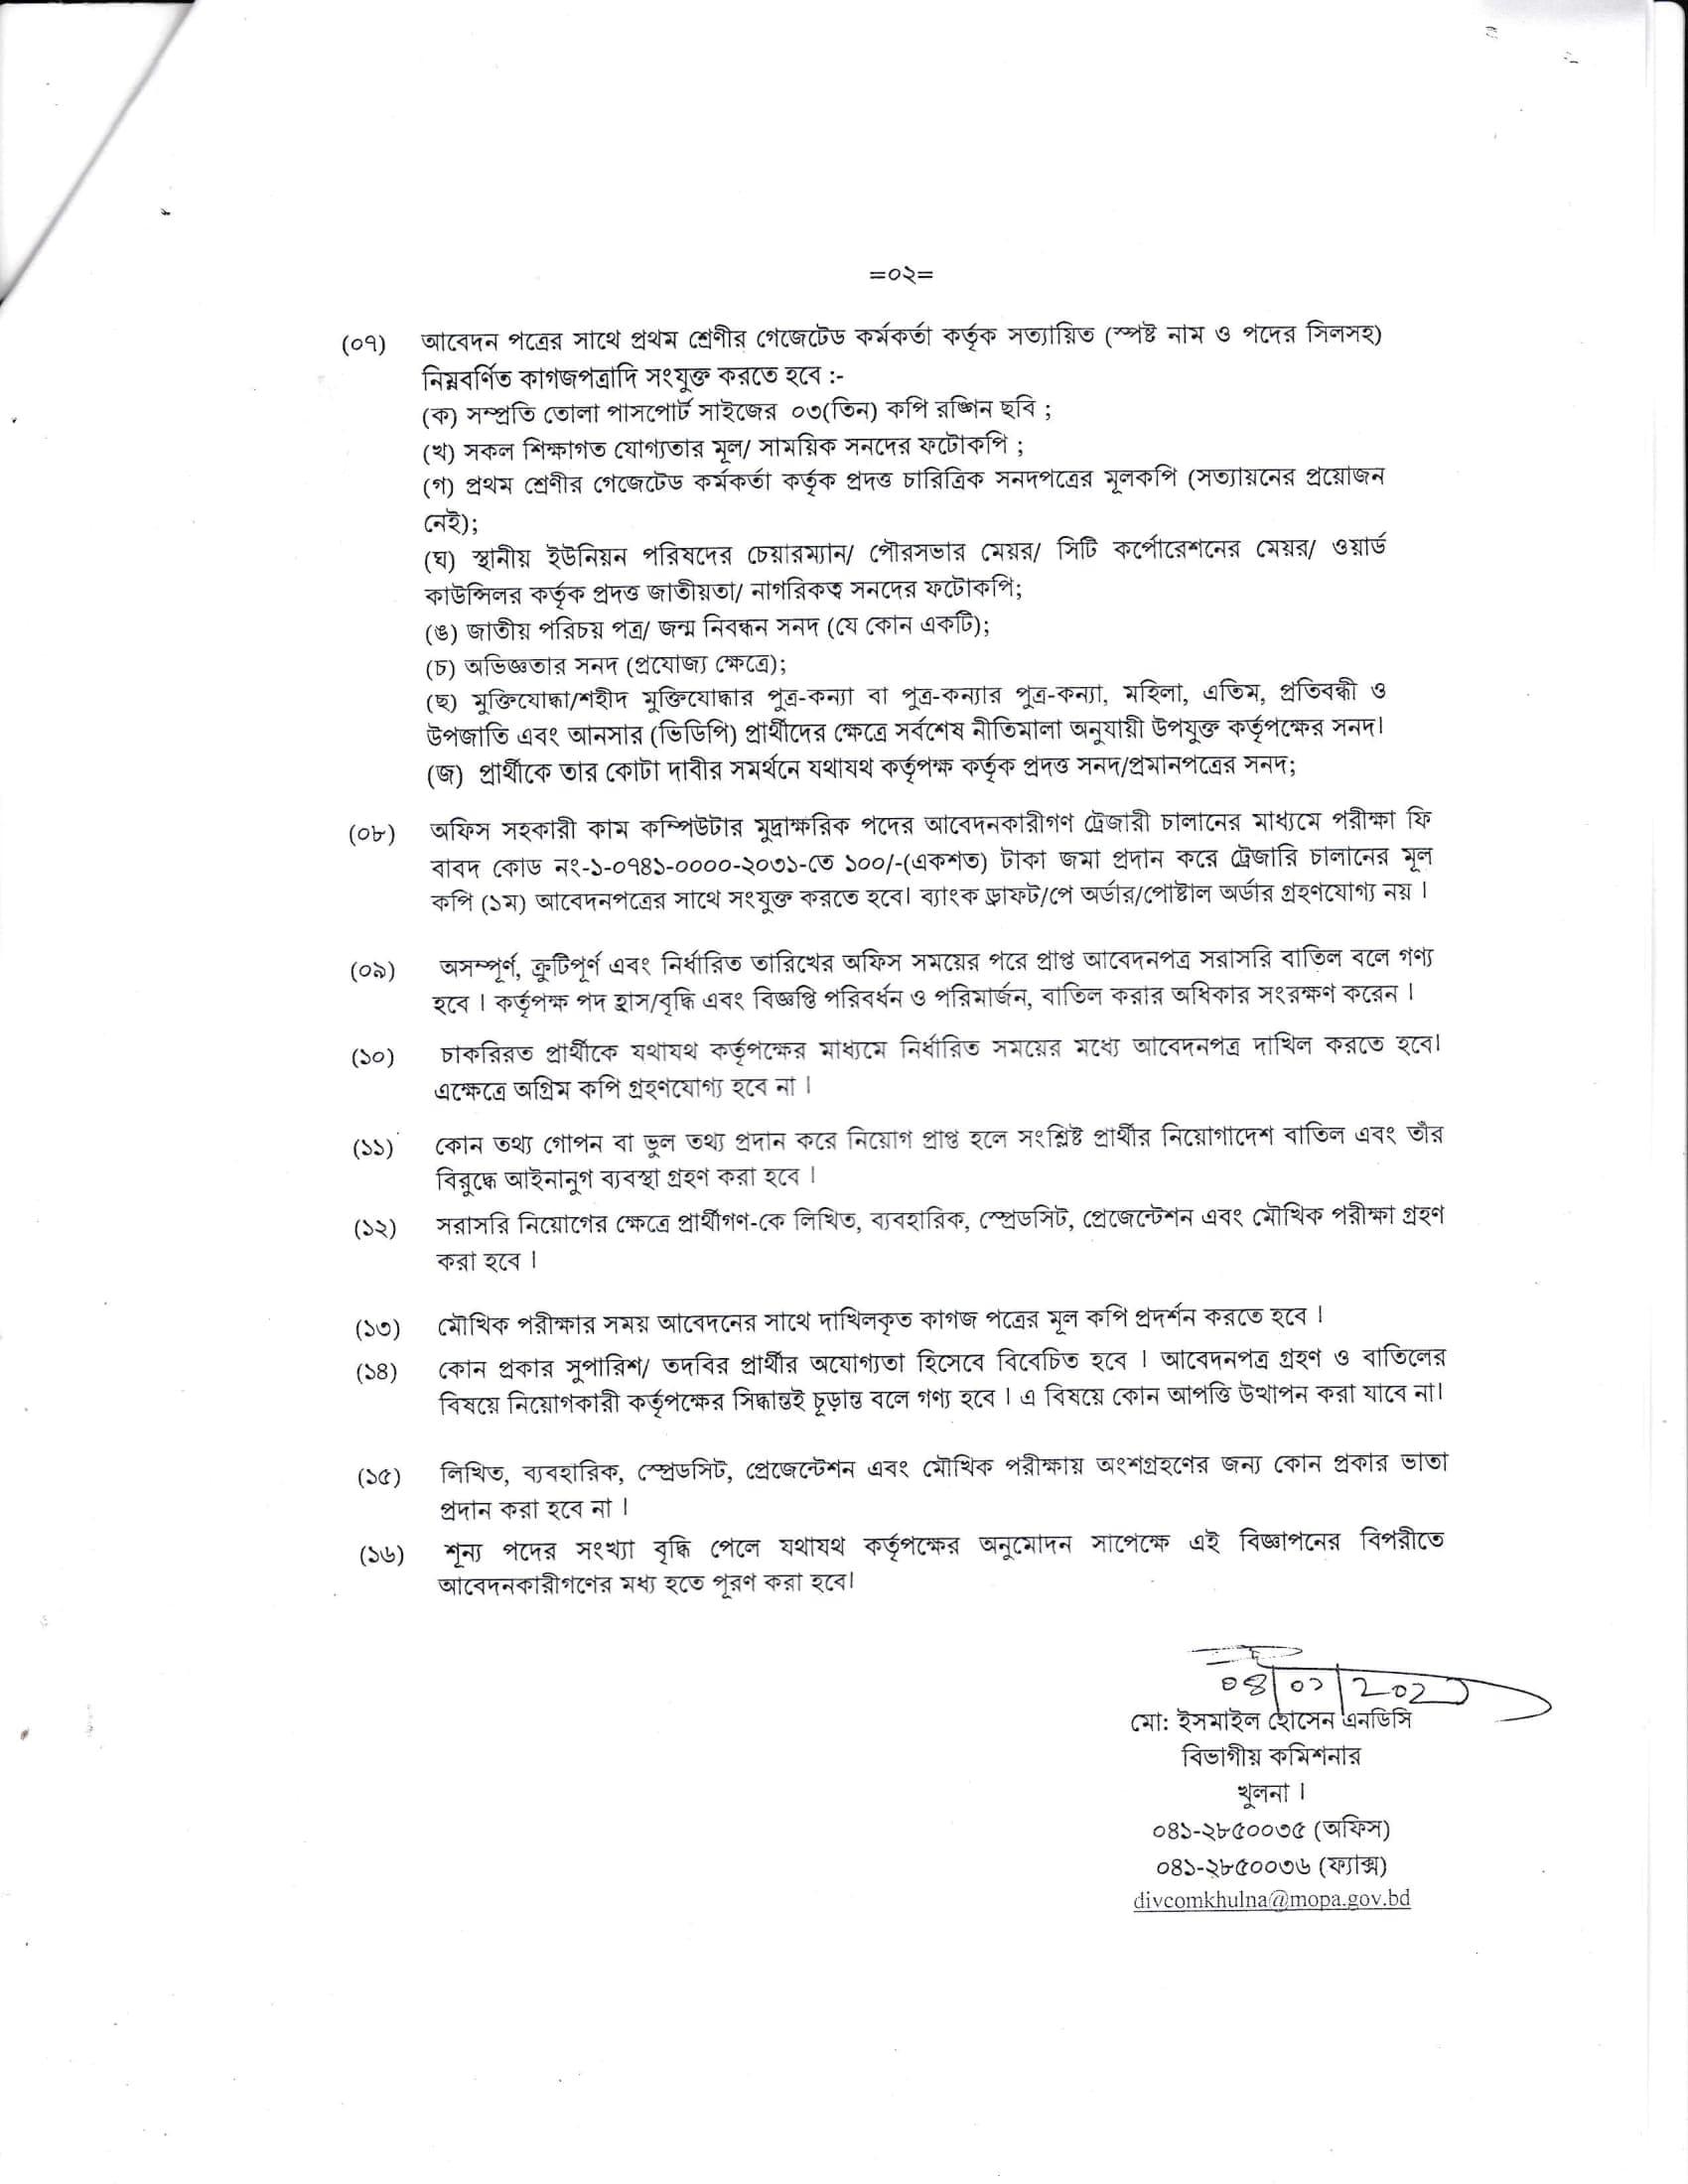 Khulna Division Job Circular